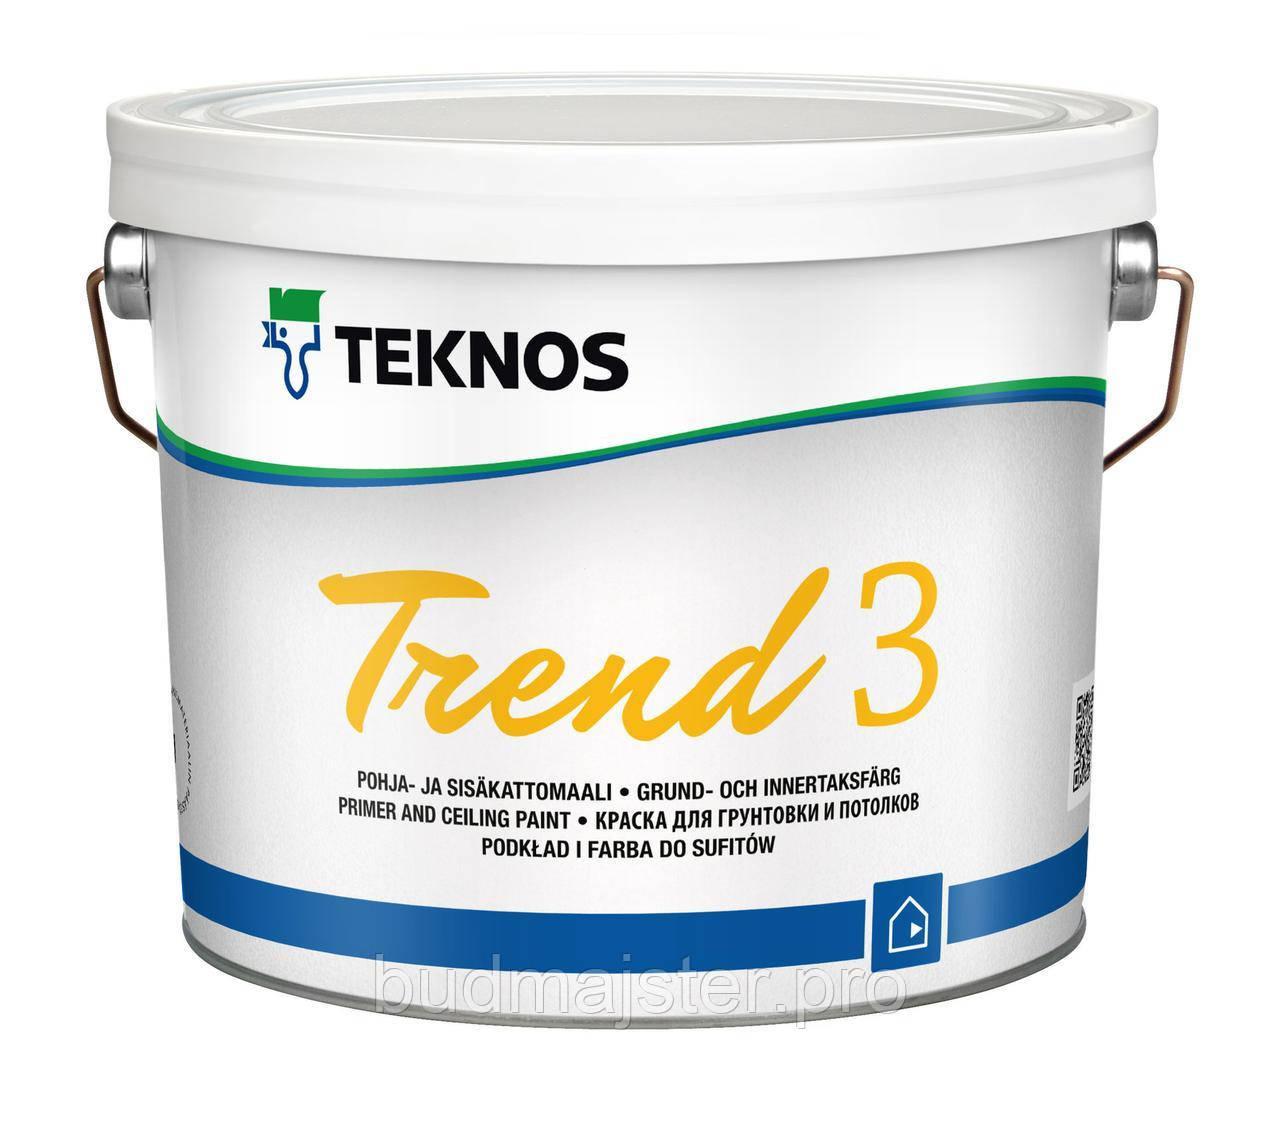 Фарба Teknos TREND 3 для грунтування та стель, 2,7 л